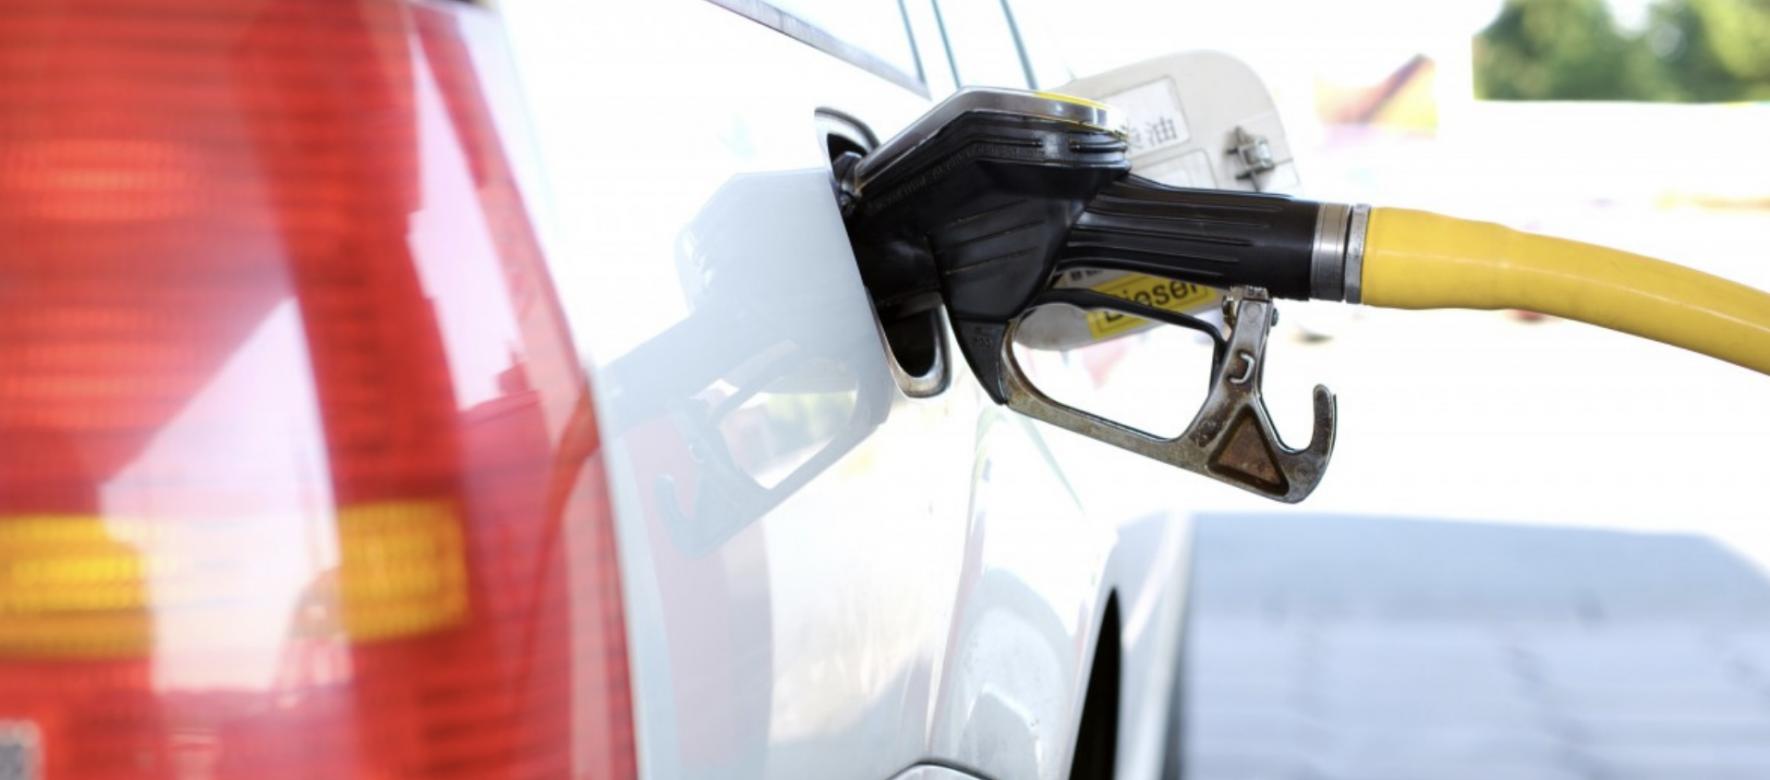 Tunisie : Bonne nouvelle, les prix des carburants ont été ajustés à la baisse depuis le 9 juin et le déficit énergétique a diminué à fin avril 2020